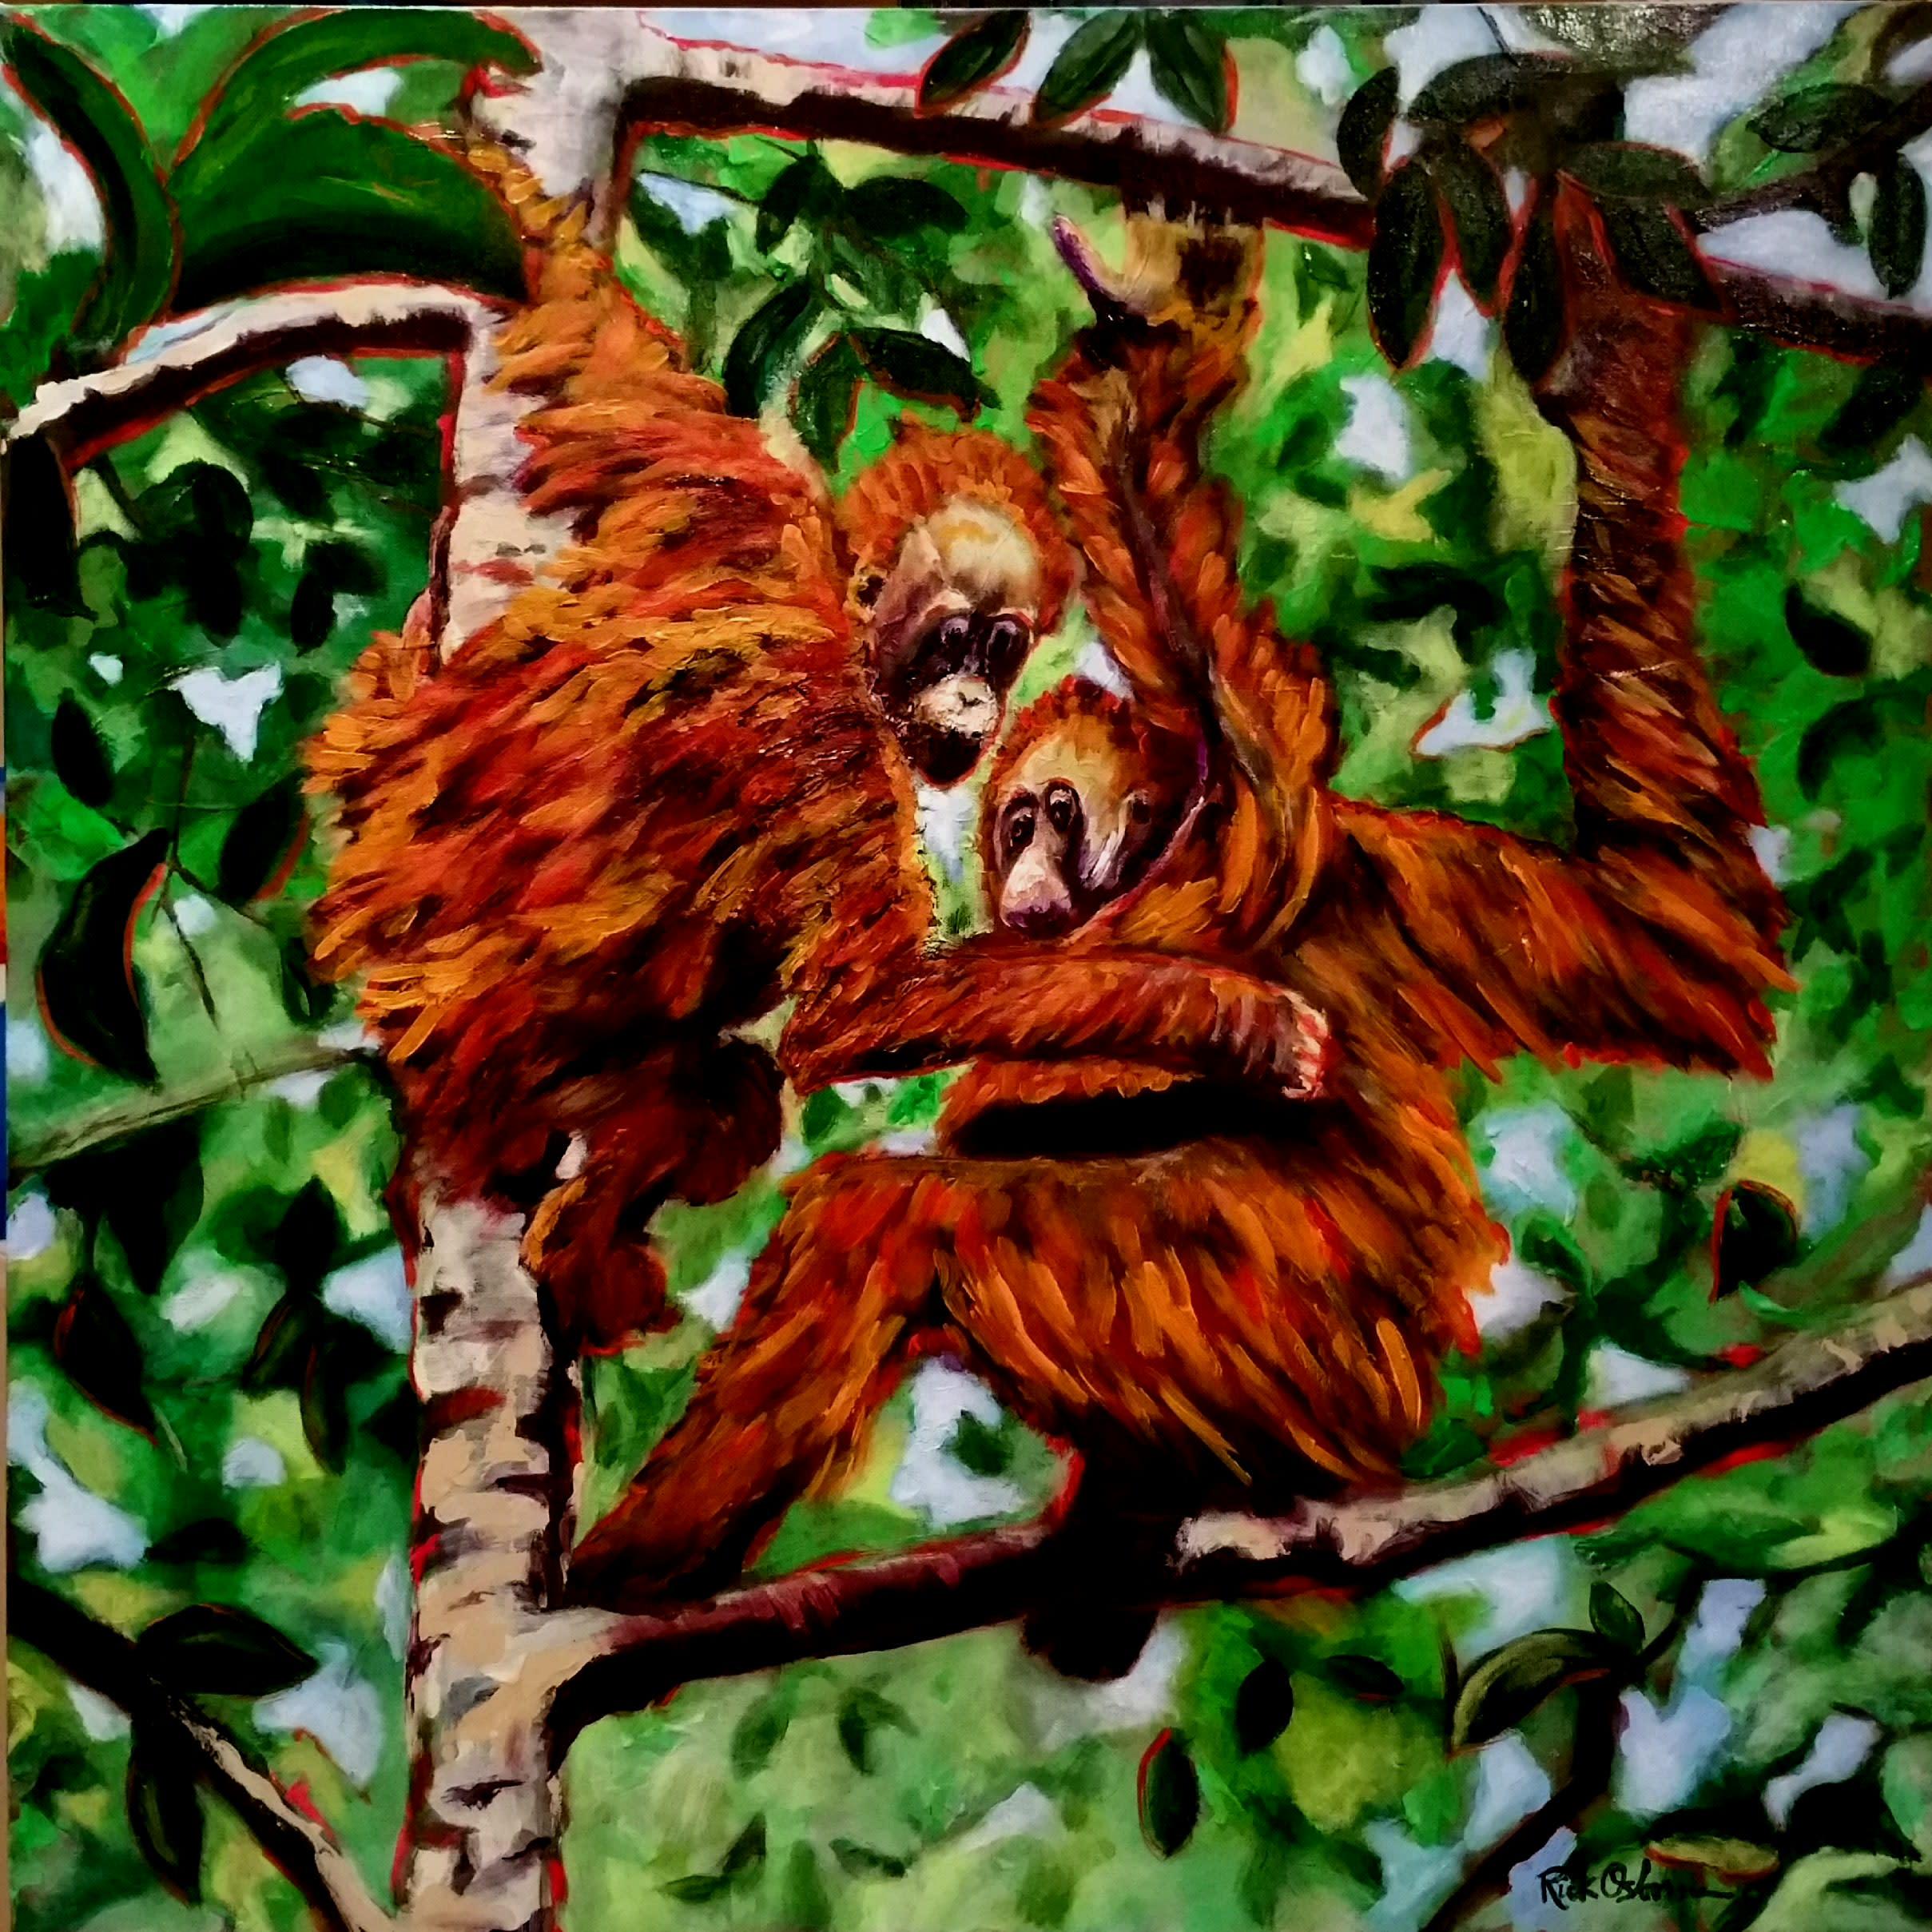 Monkeys rick osborn kydzbt